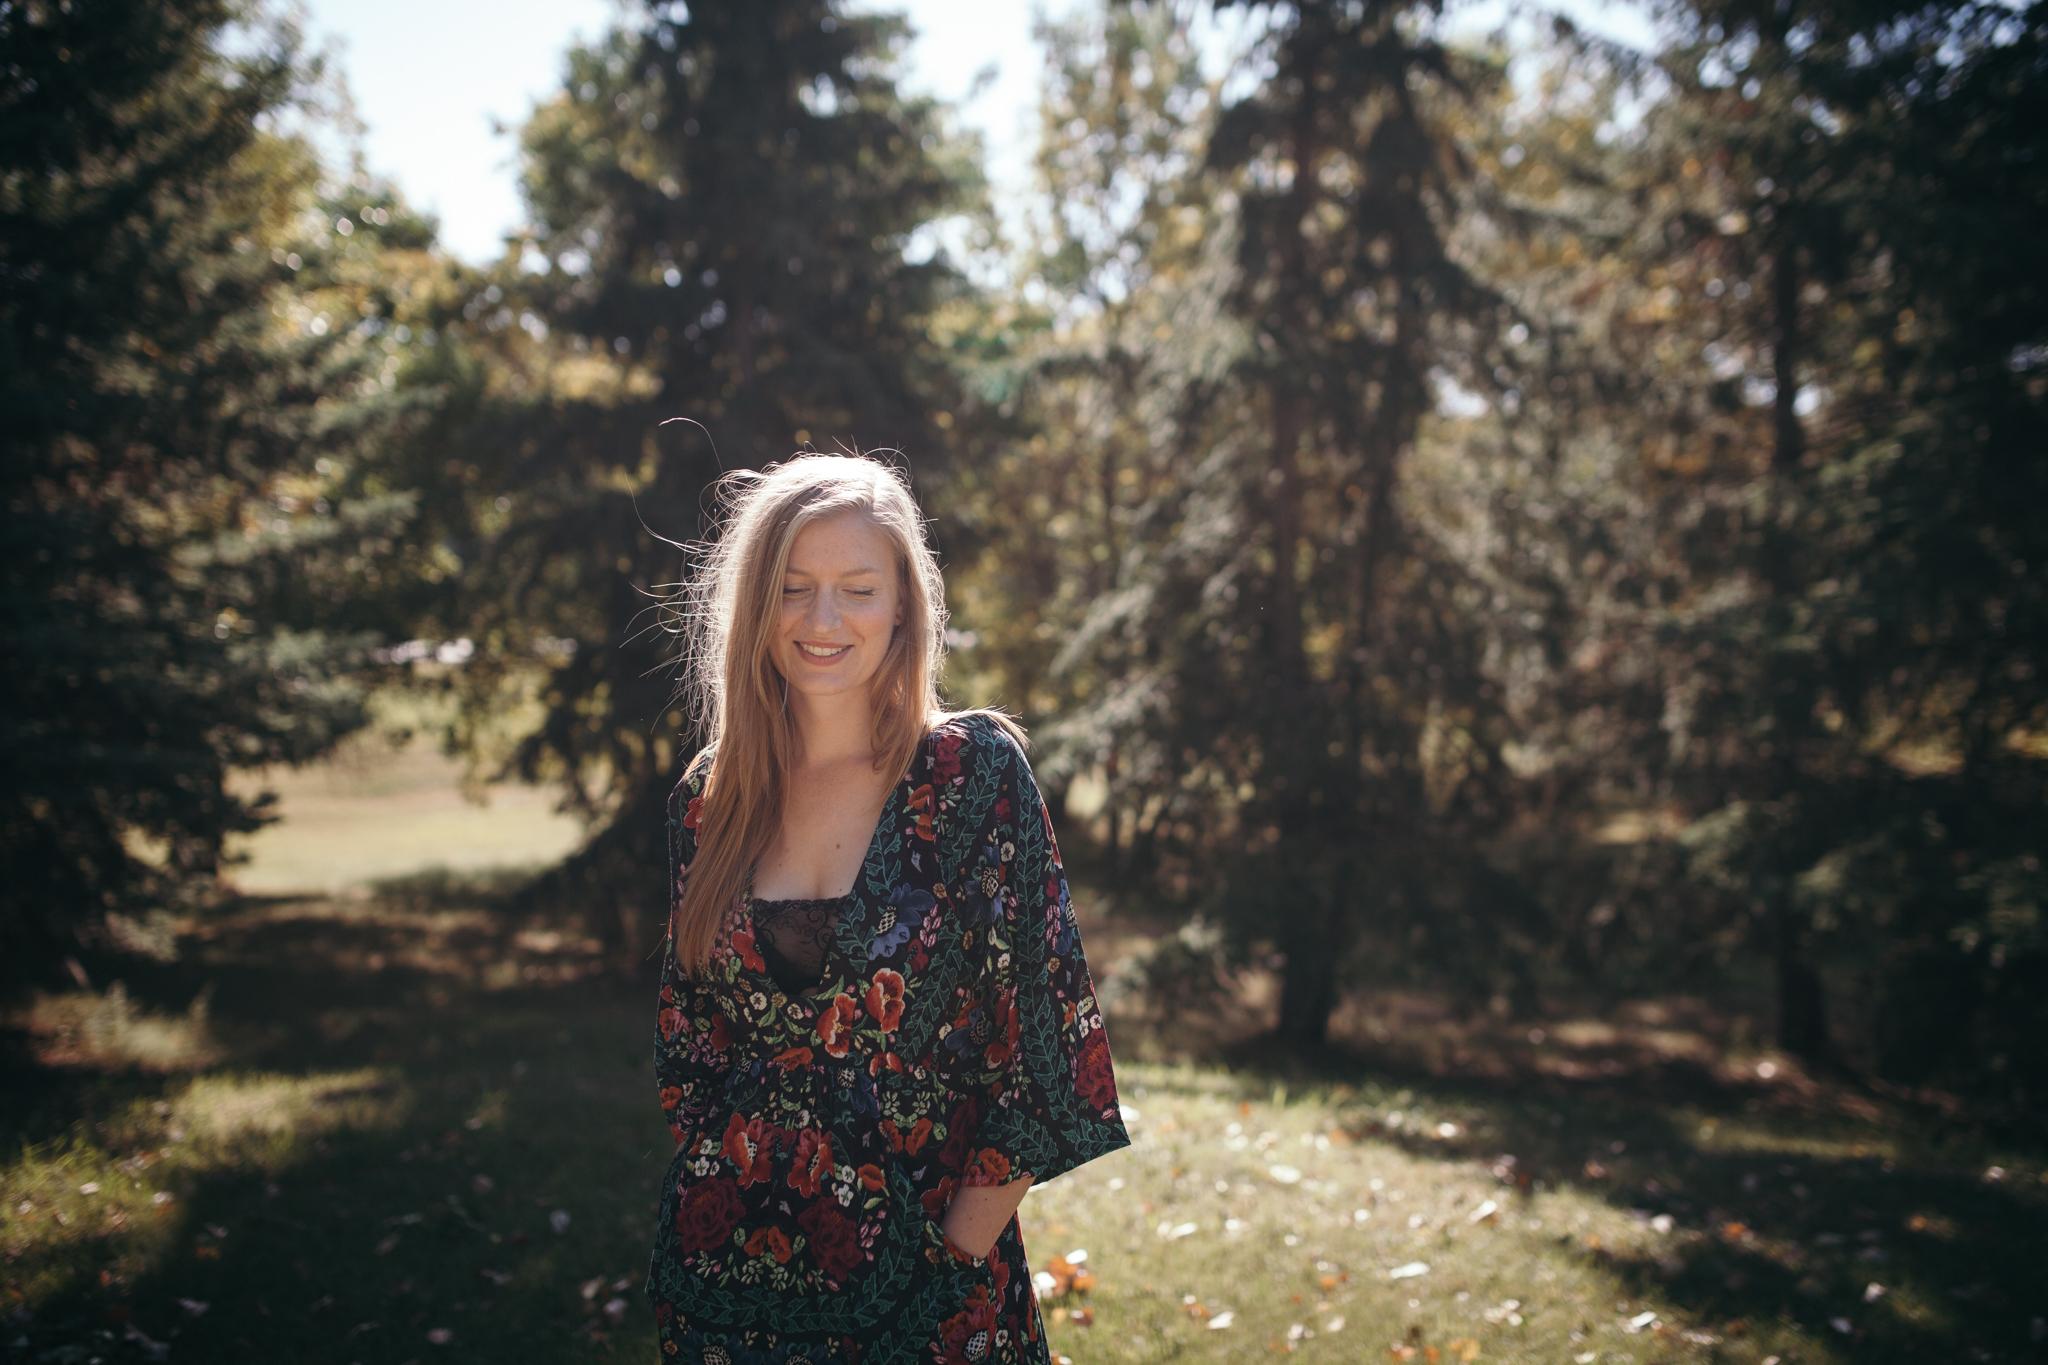 Susan_V-300-21.jpg